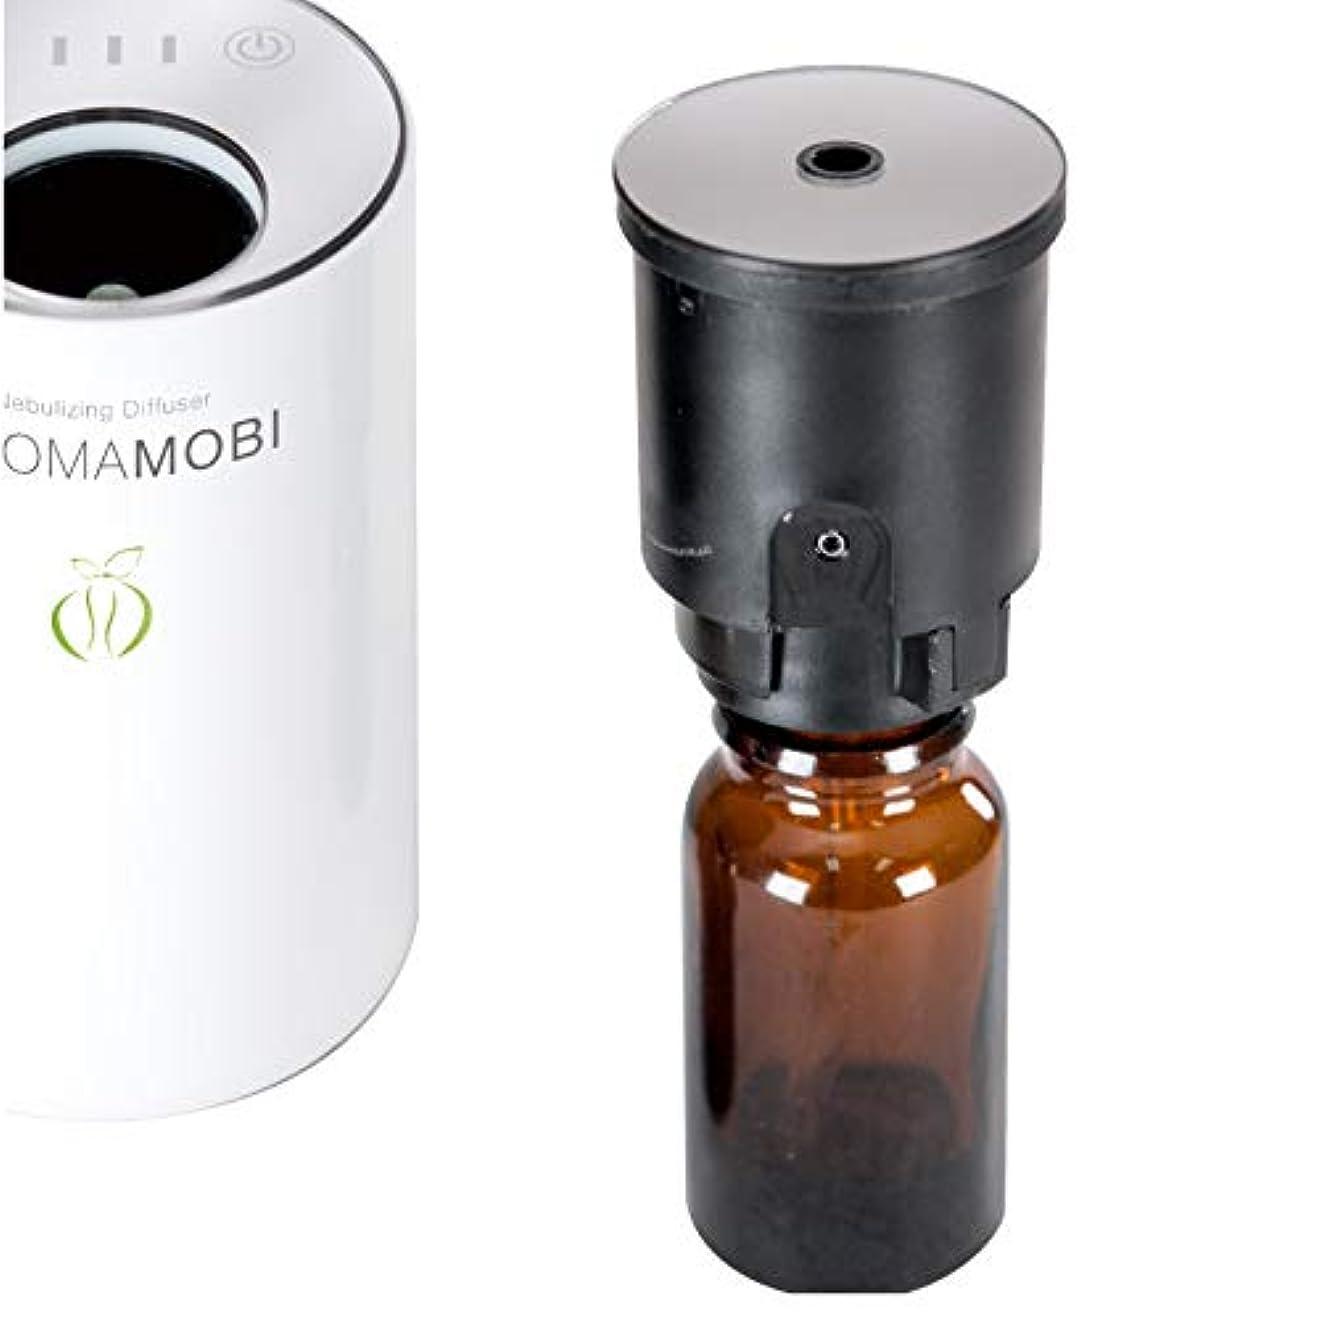 インシデント匿名能力funks アロマモビ 専用 交換用 ノズル ボトルセット aromamobi アロマディフューザー